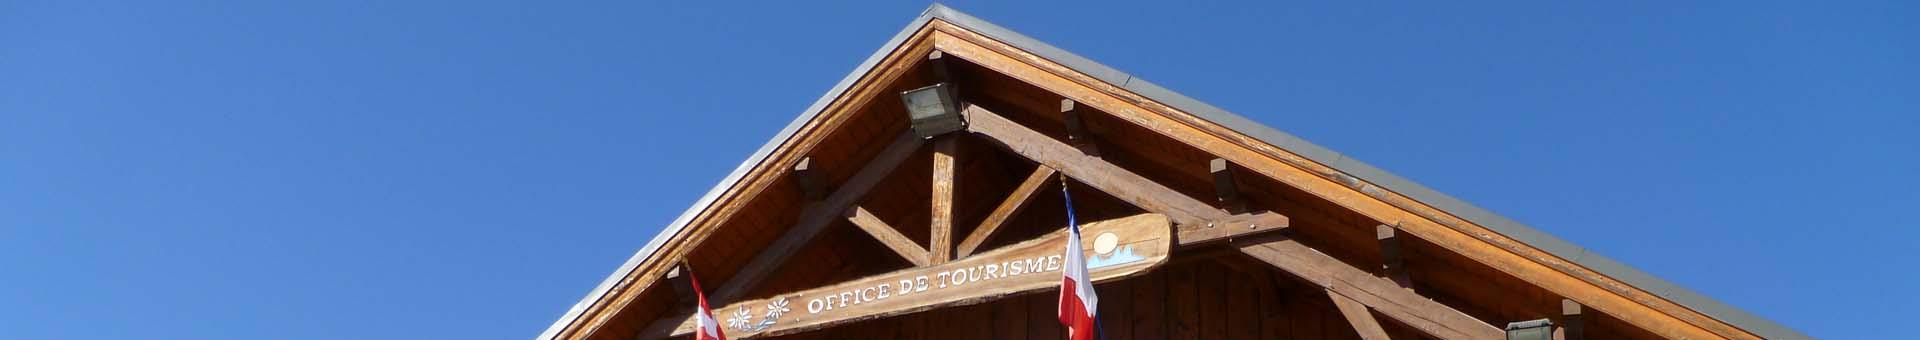 Horaires Office de Tourisme Saint Jean d'Arves Les Sybelles